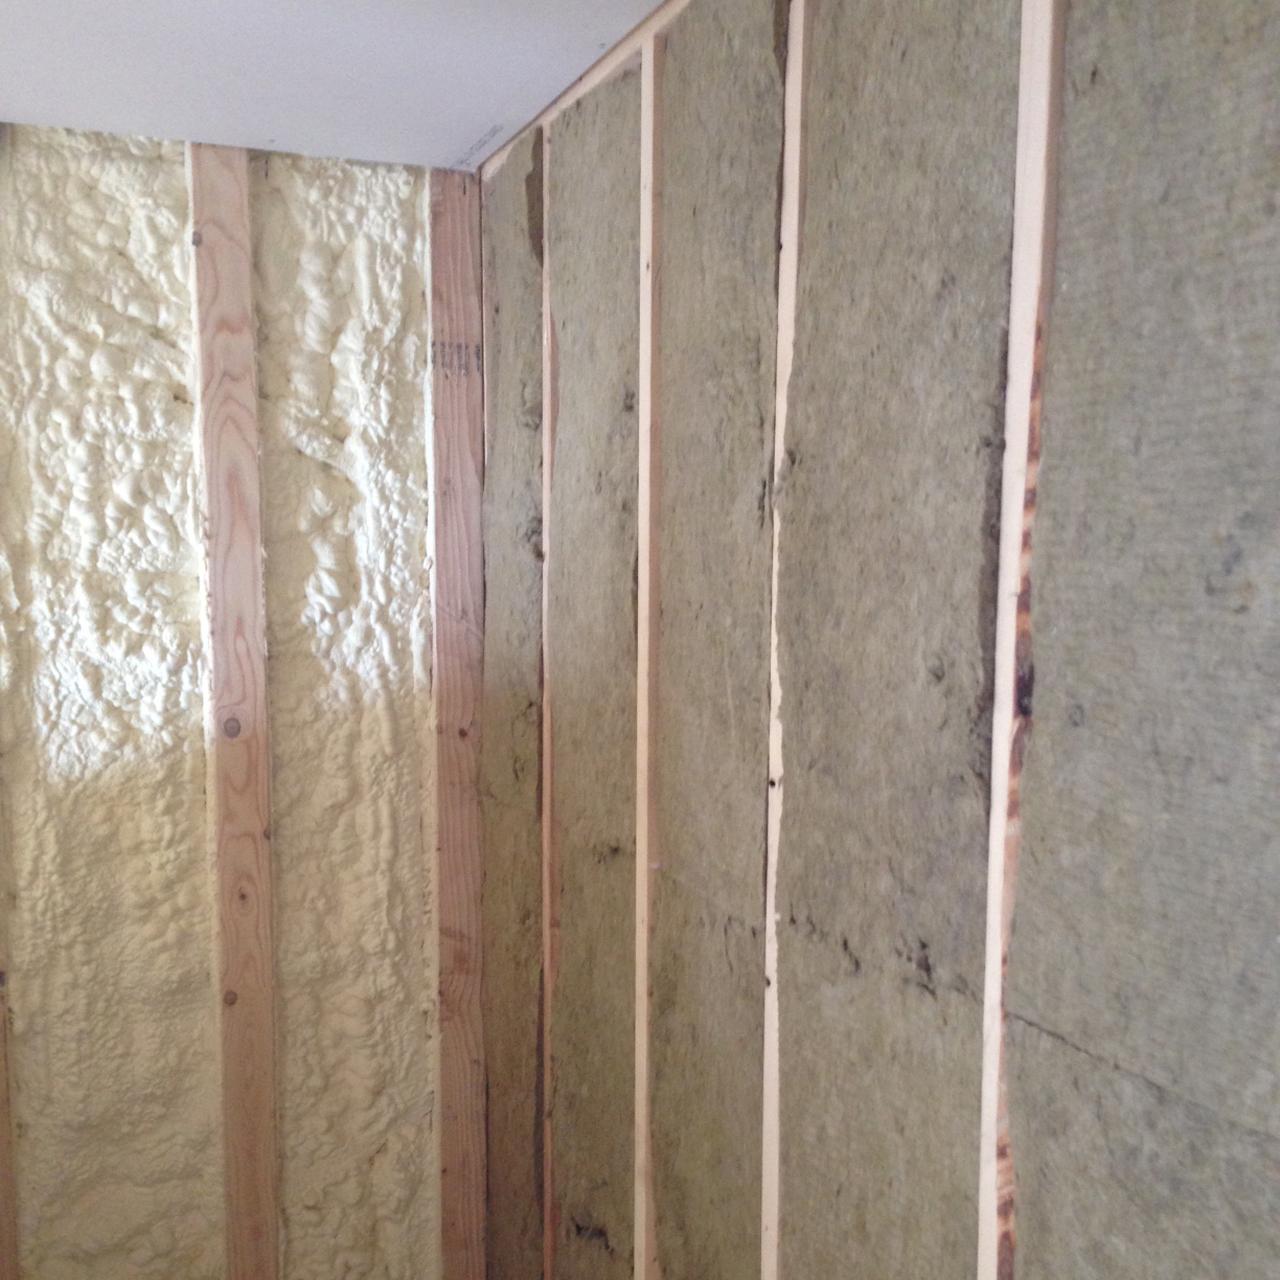 Roxul batt office sound dampening closed cell spray foam